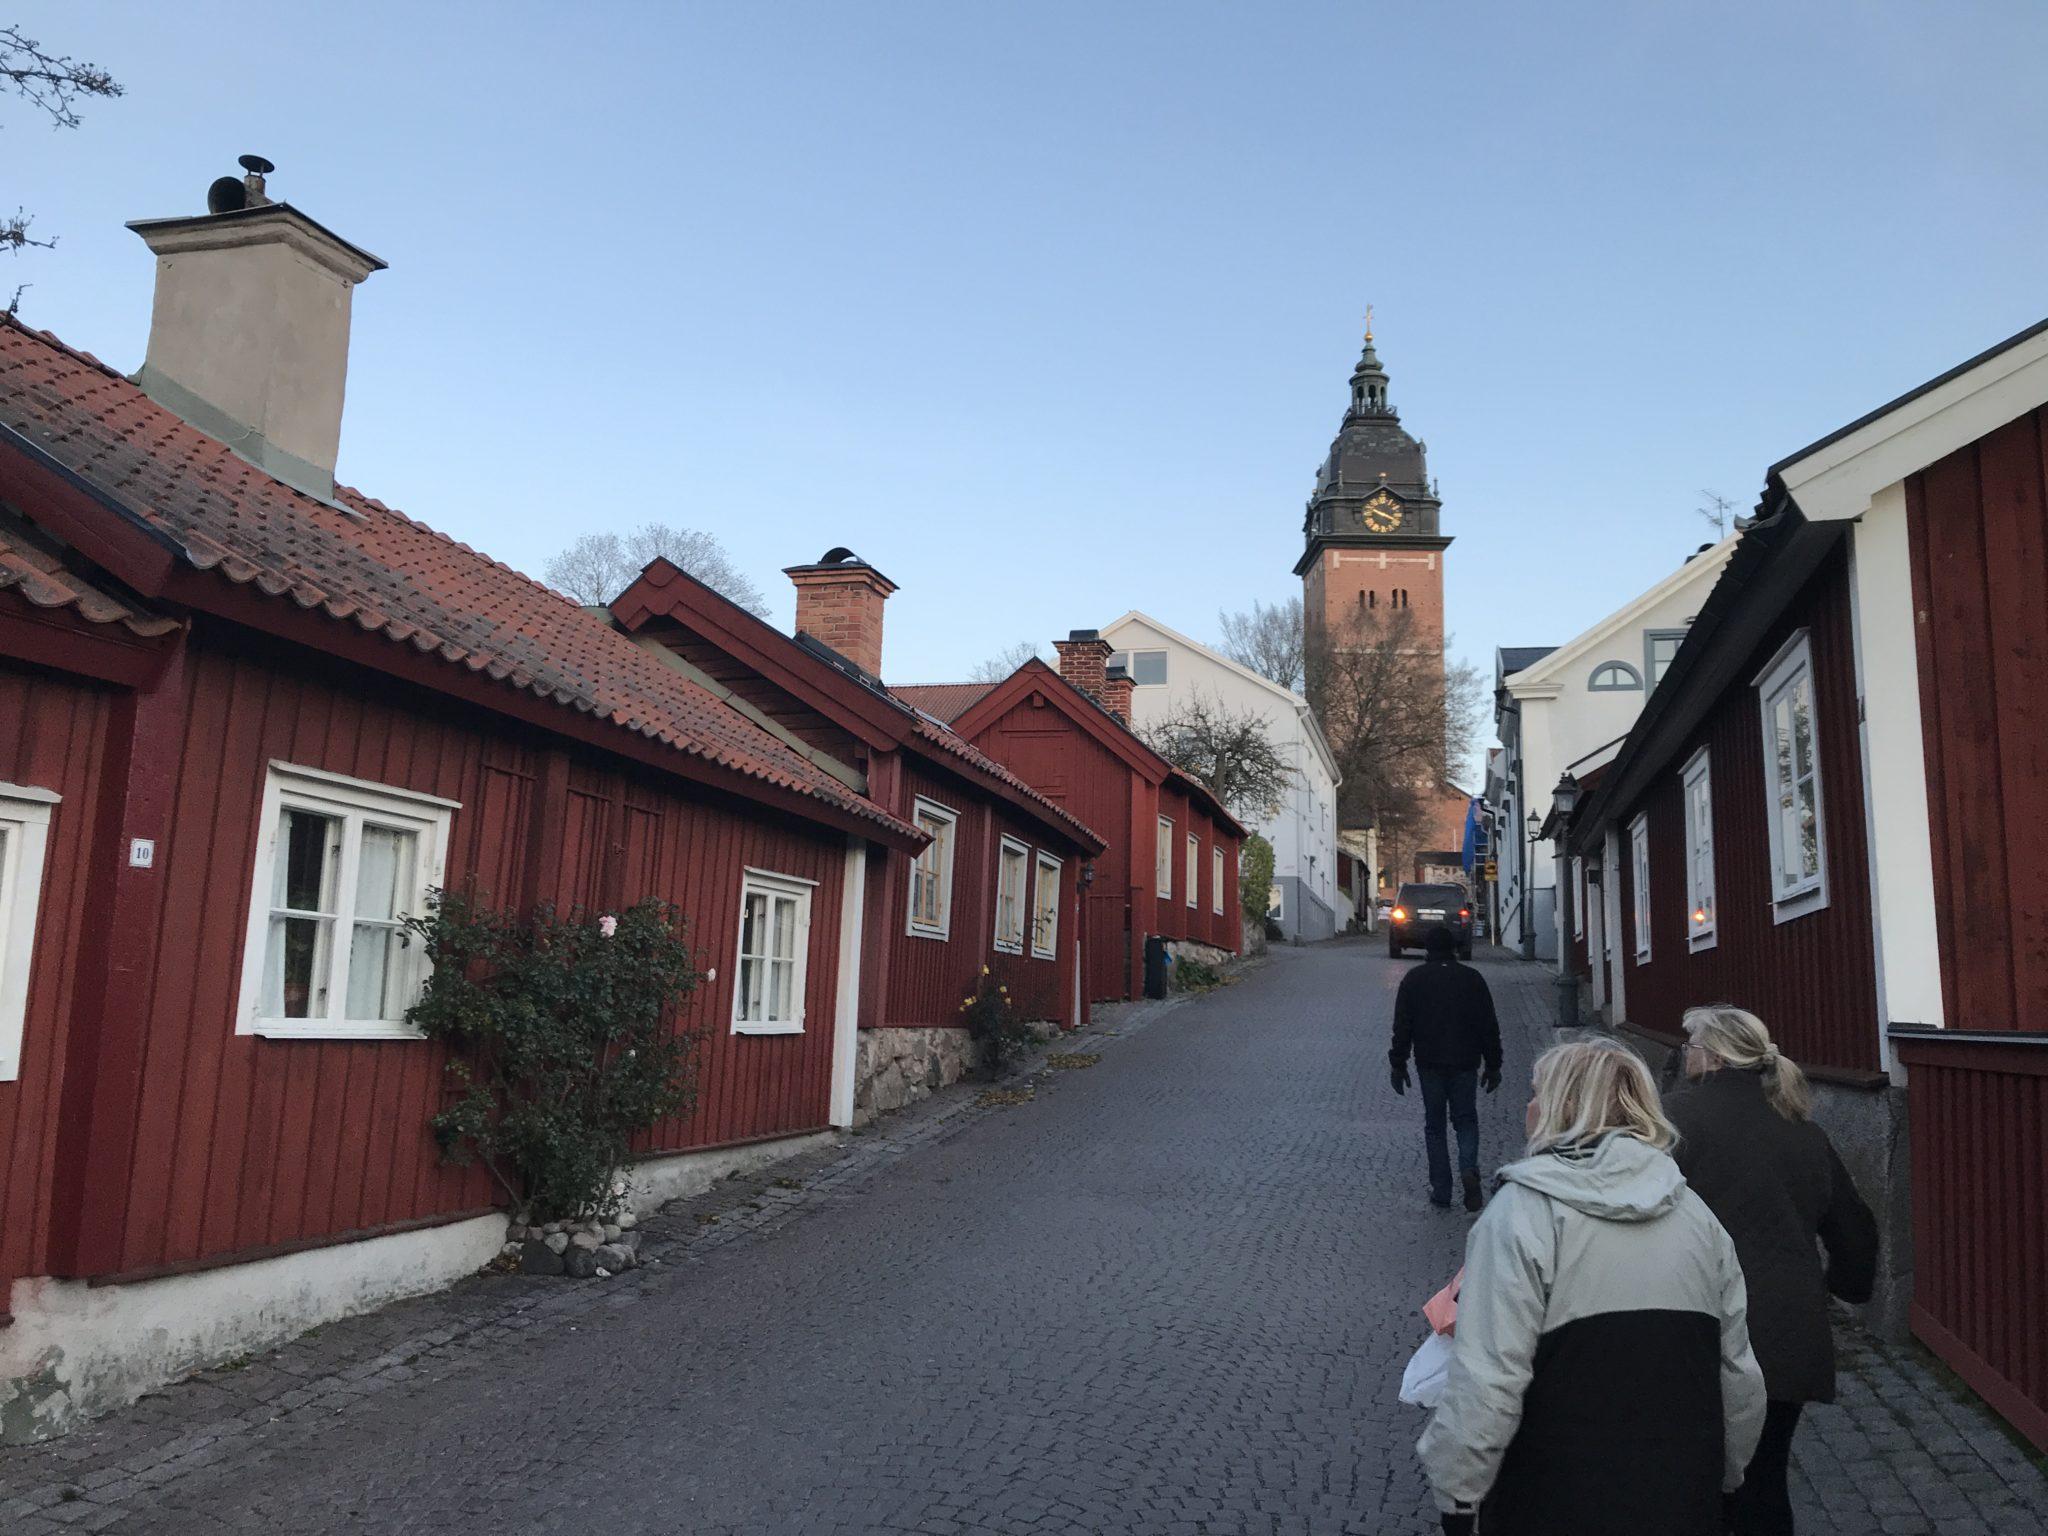 Stadspromenad i Strängnäs.